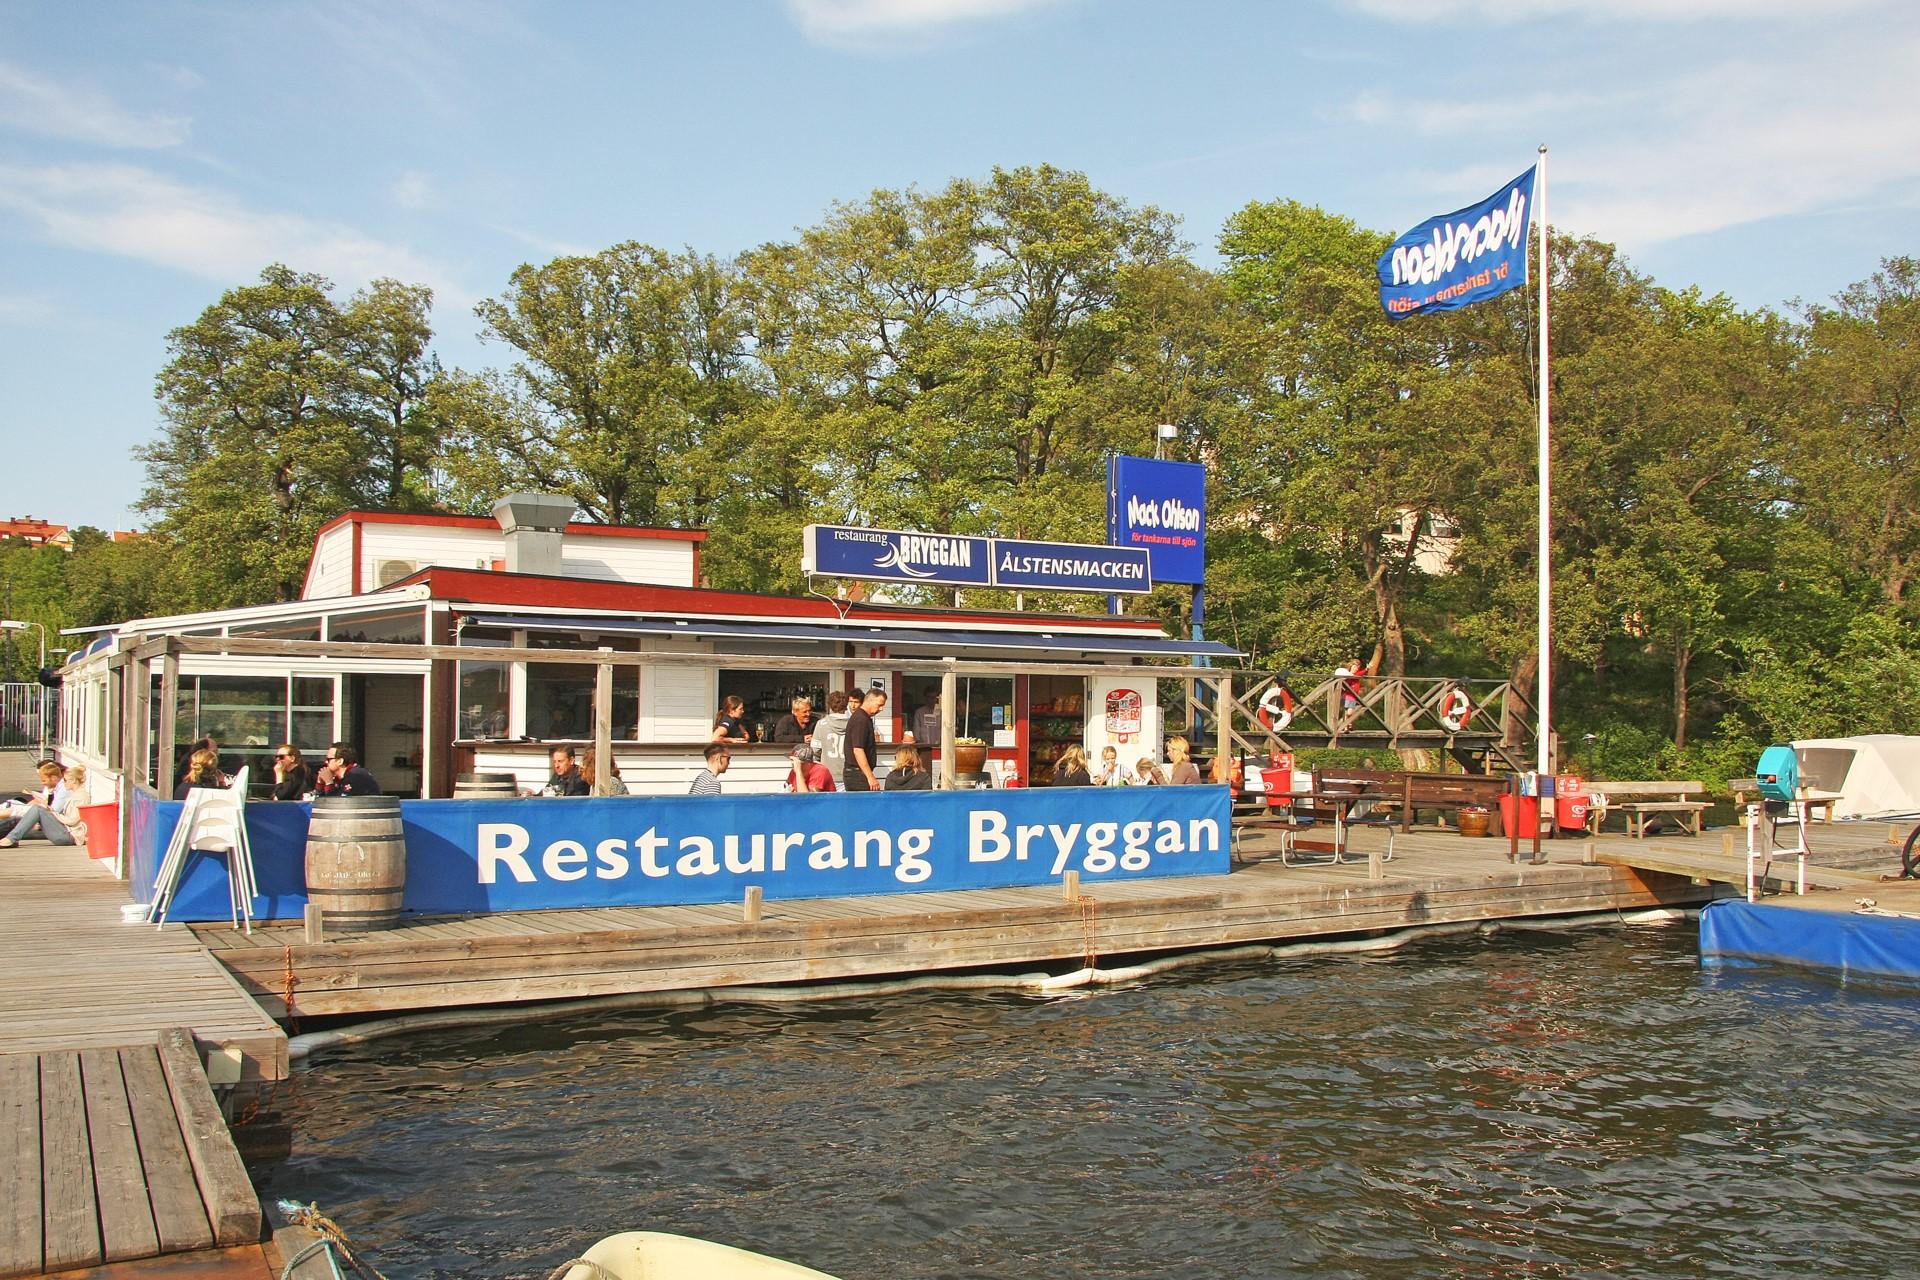 Restaurang Bryggan